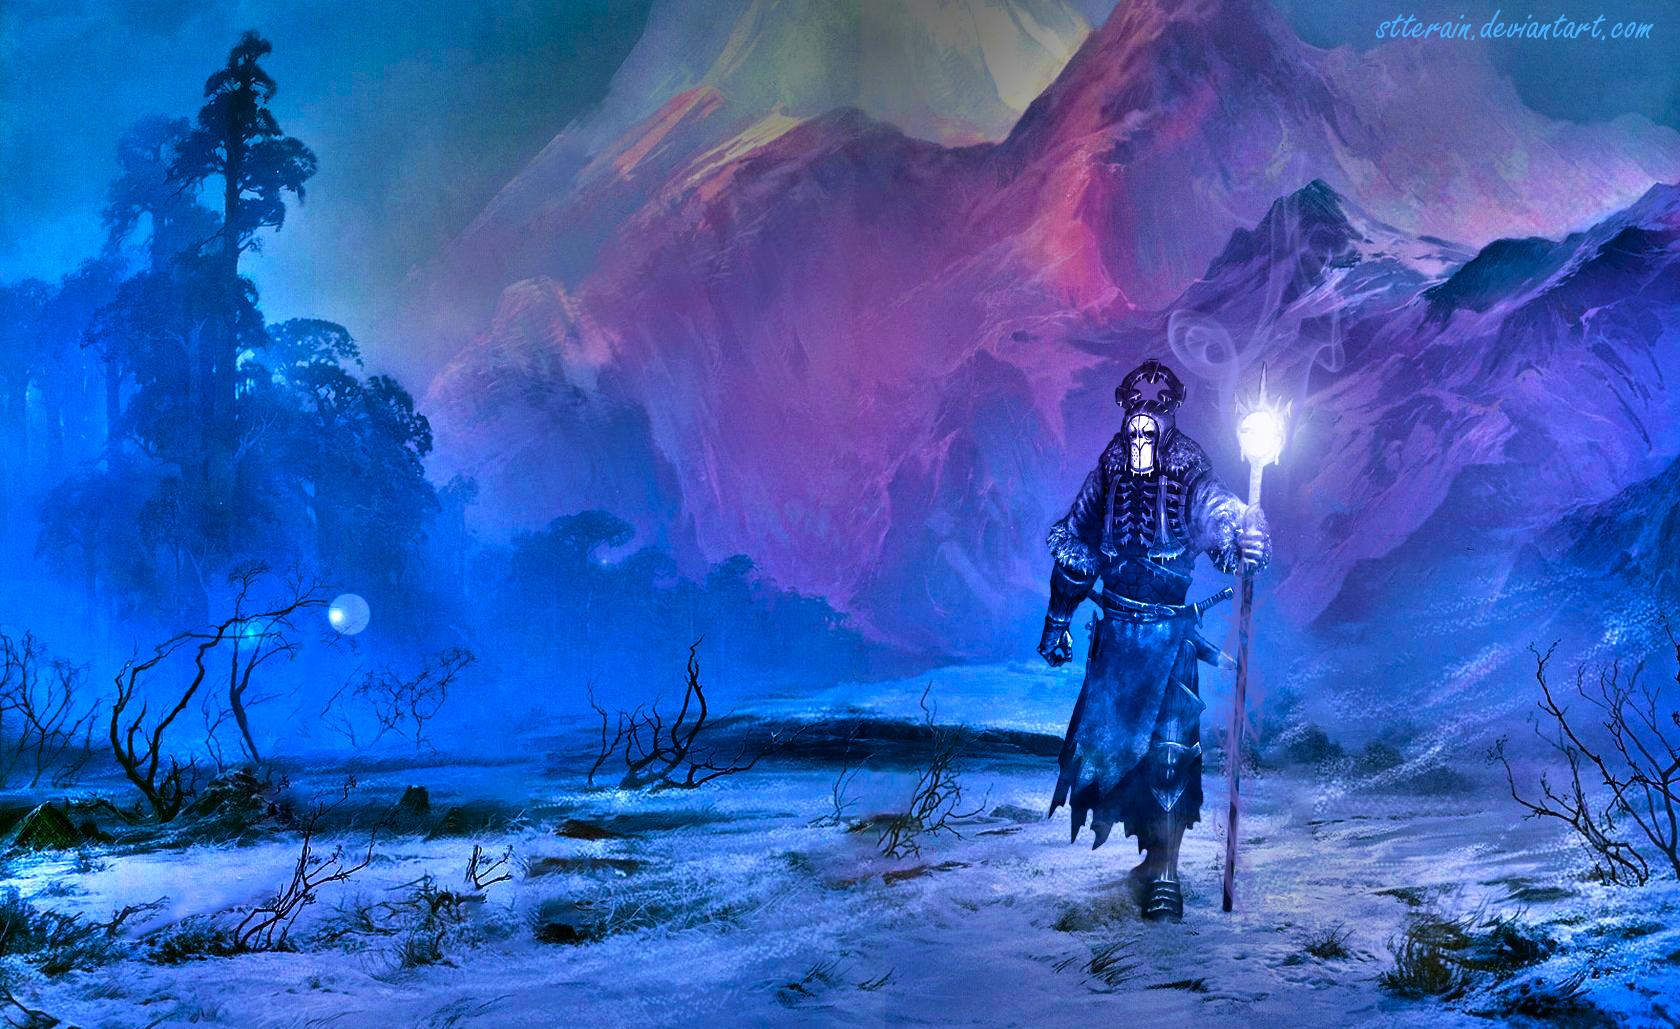 Witcher 3 general caranthir by stterain on deviantart - The witcher 3 caranthir ...